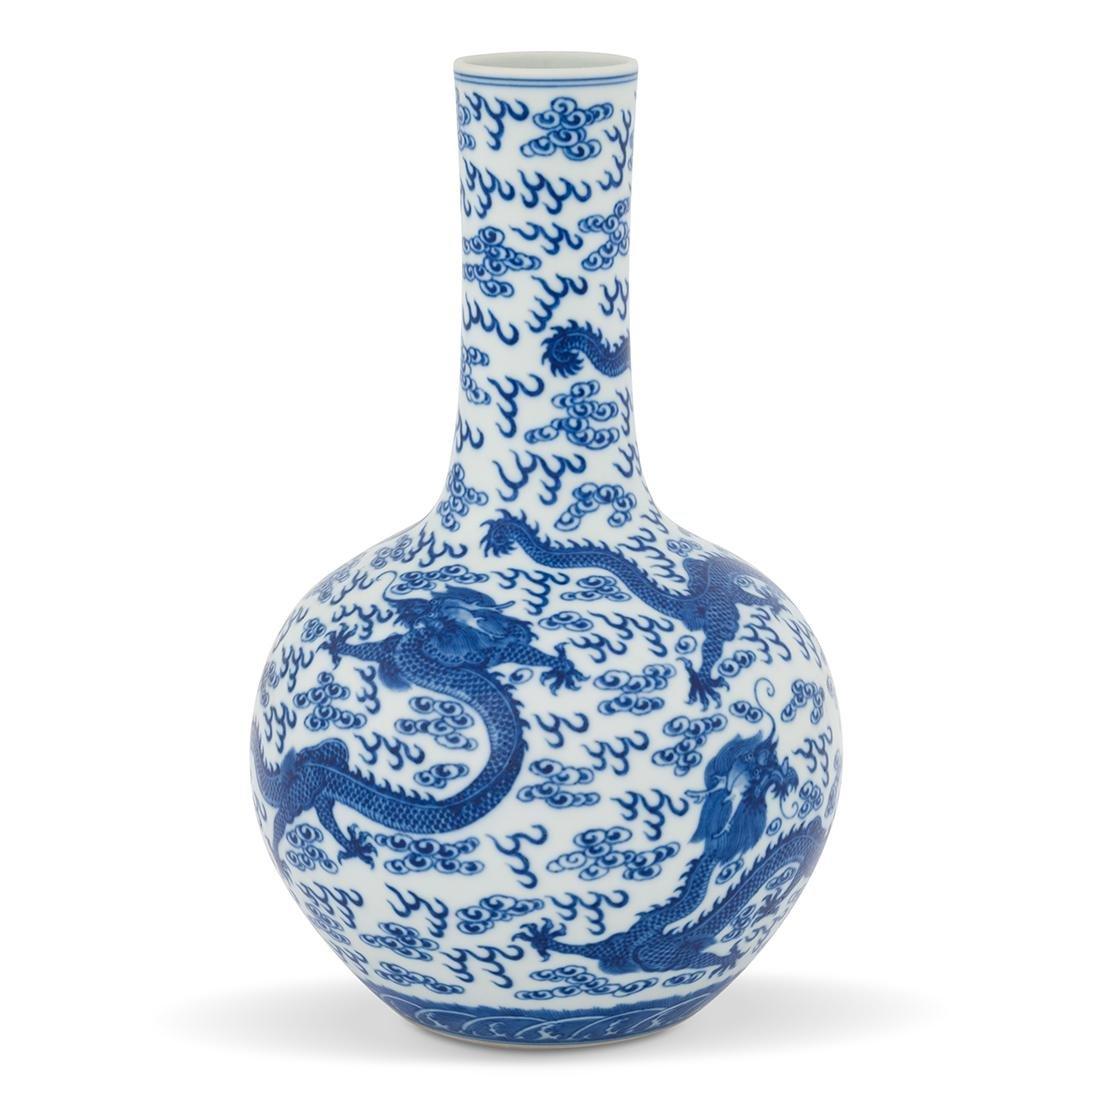 GUANGXU BLUE & WHITE DRAGON REWARD VASE - 2